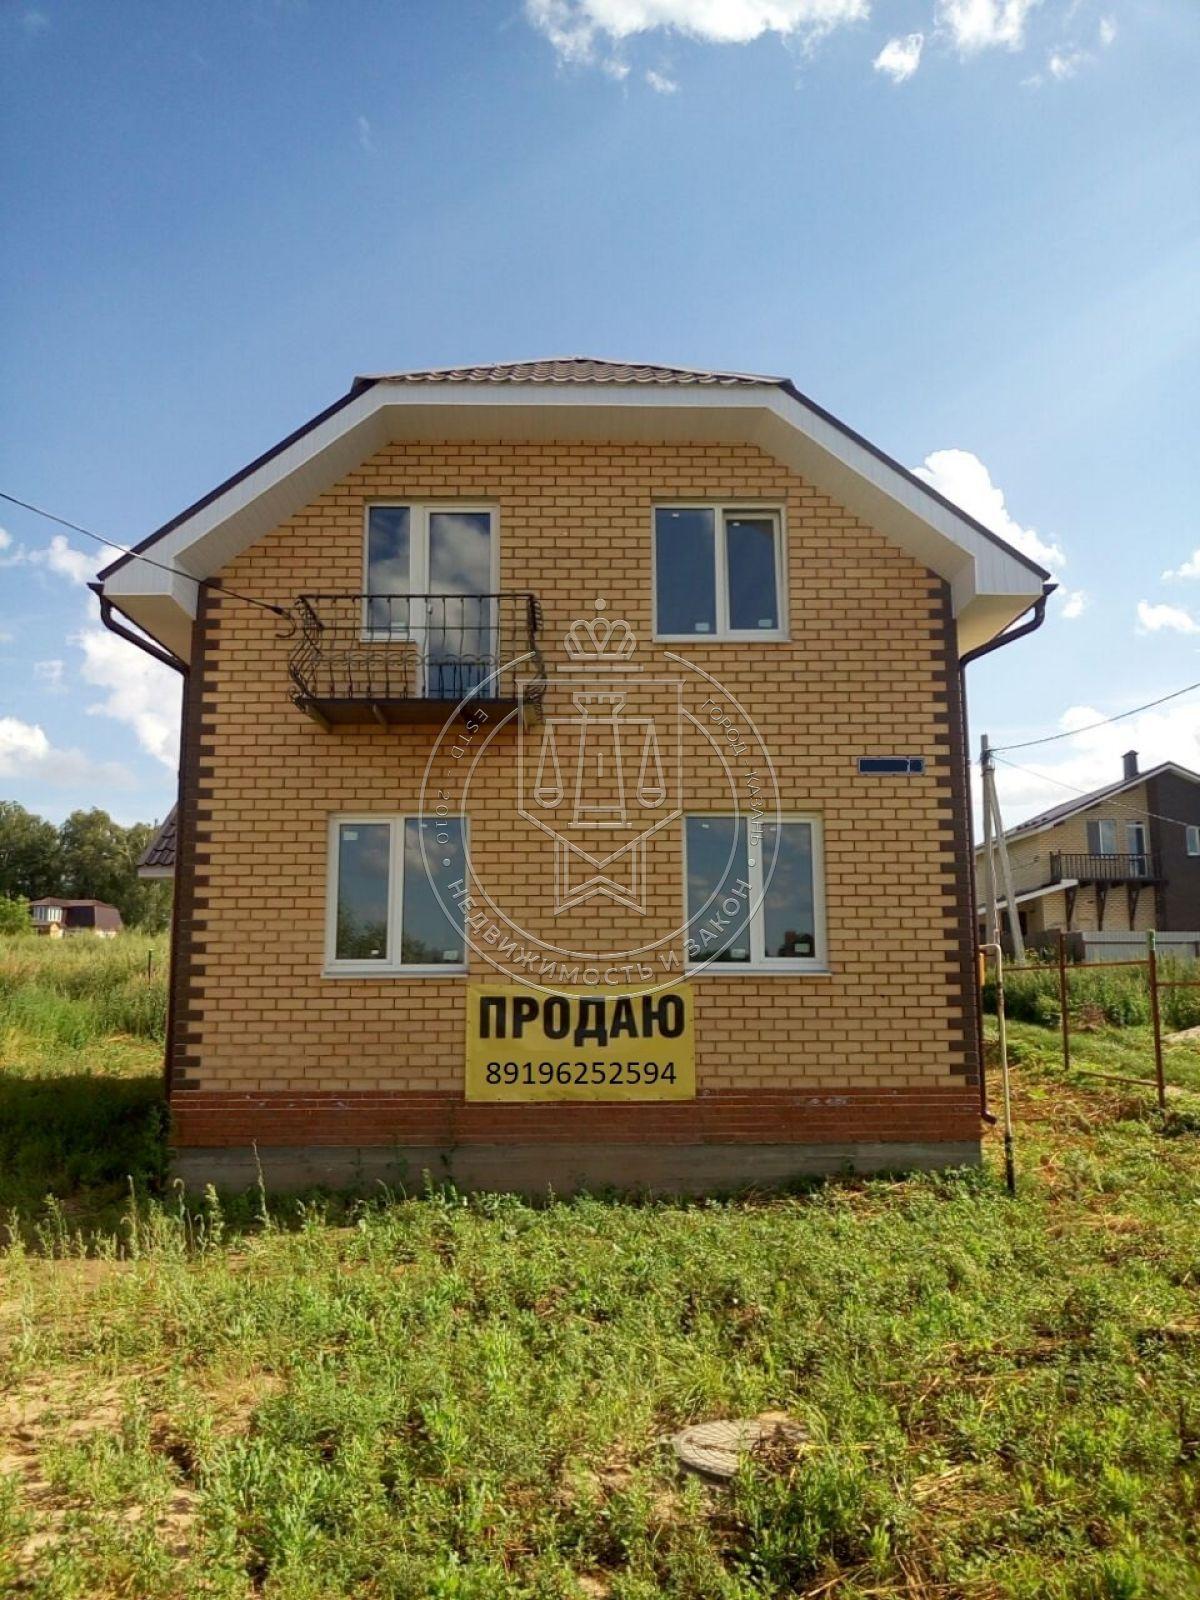 Продажа  дома Слободская